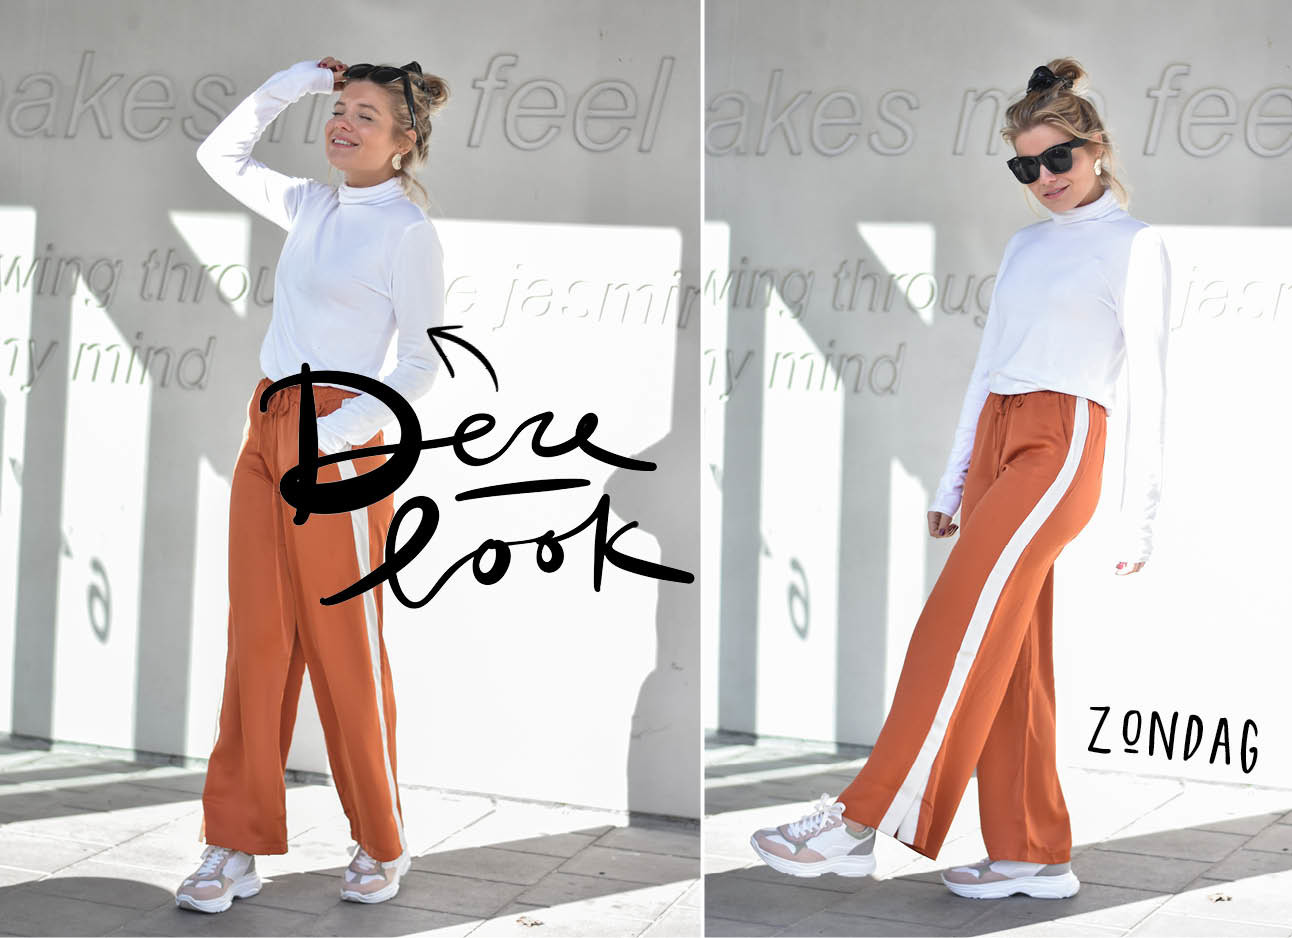 lynn wit shirt cognac broek met witte streep en sneakers en knot op haar hoofd met scrunchie